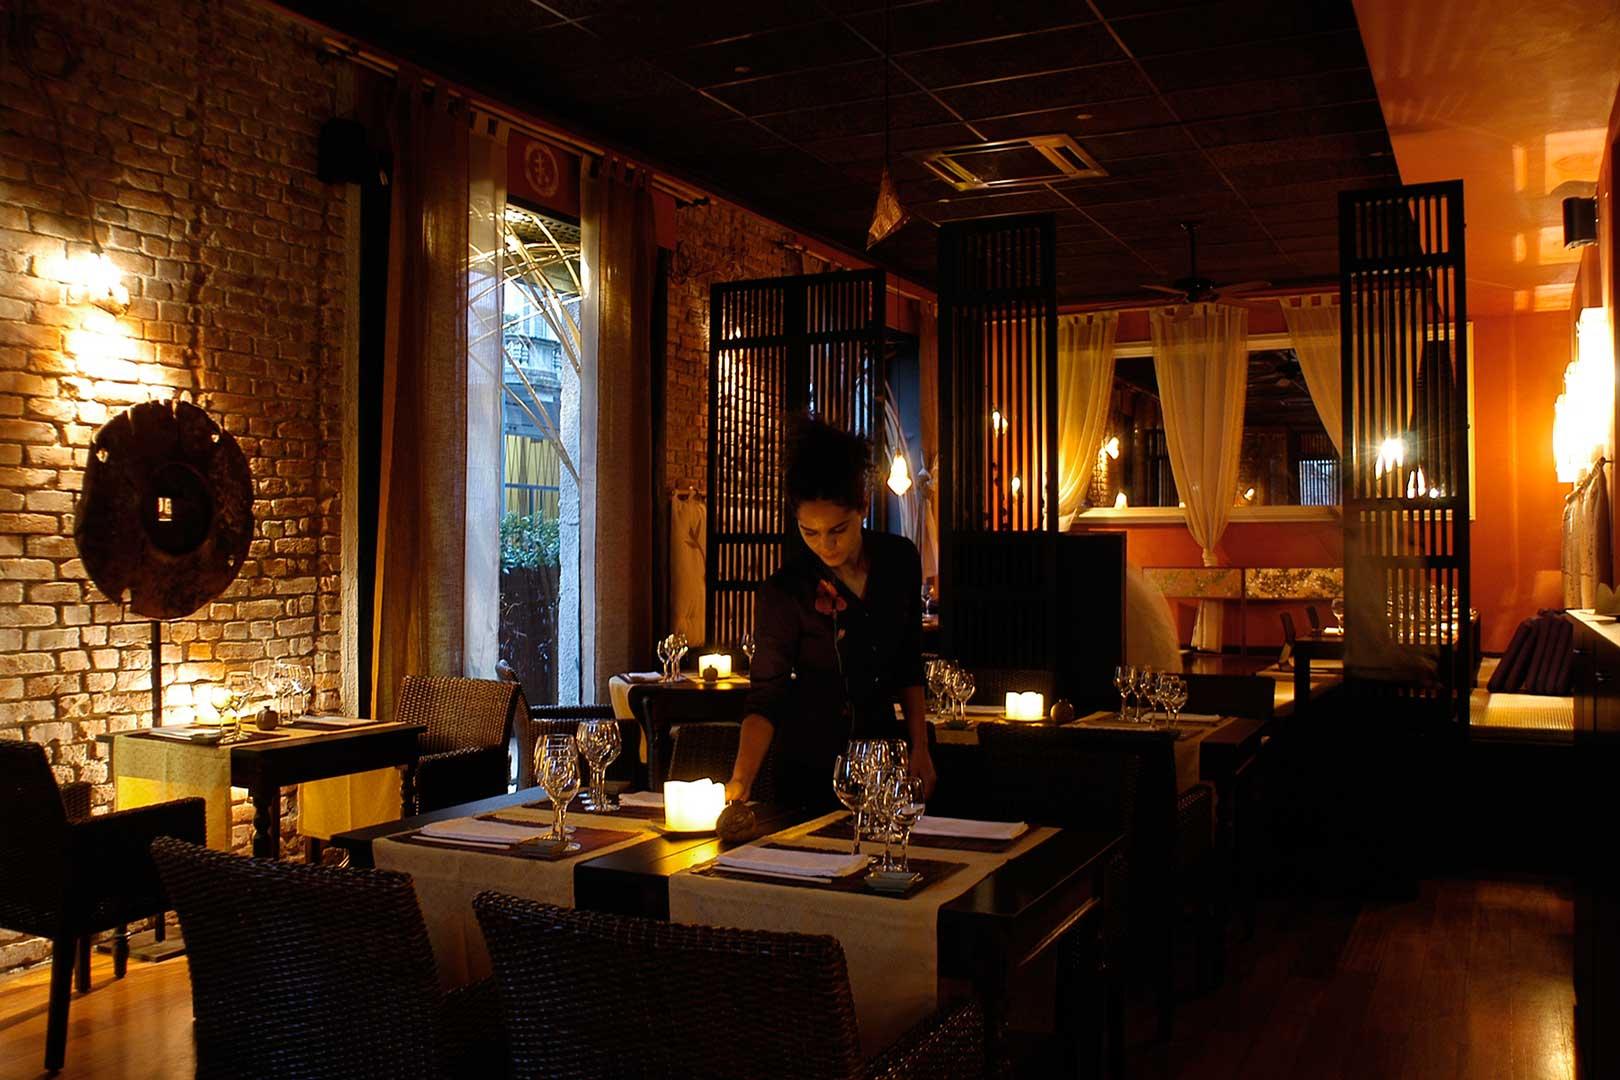 I 10 migliori ristoranti di sushi a milano flawless milano - Ristoranti porta nuova milano ...